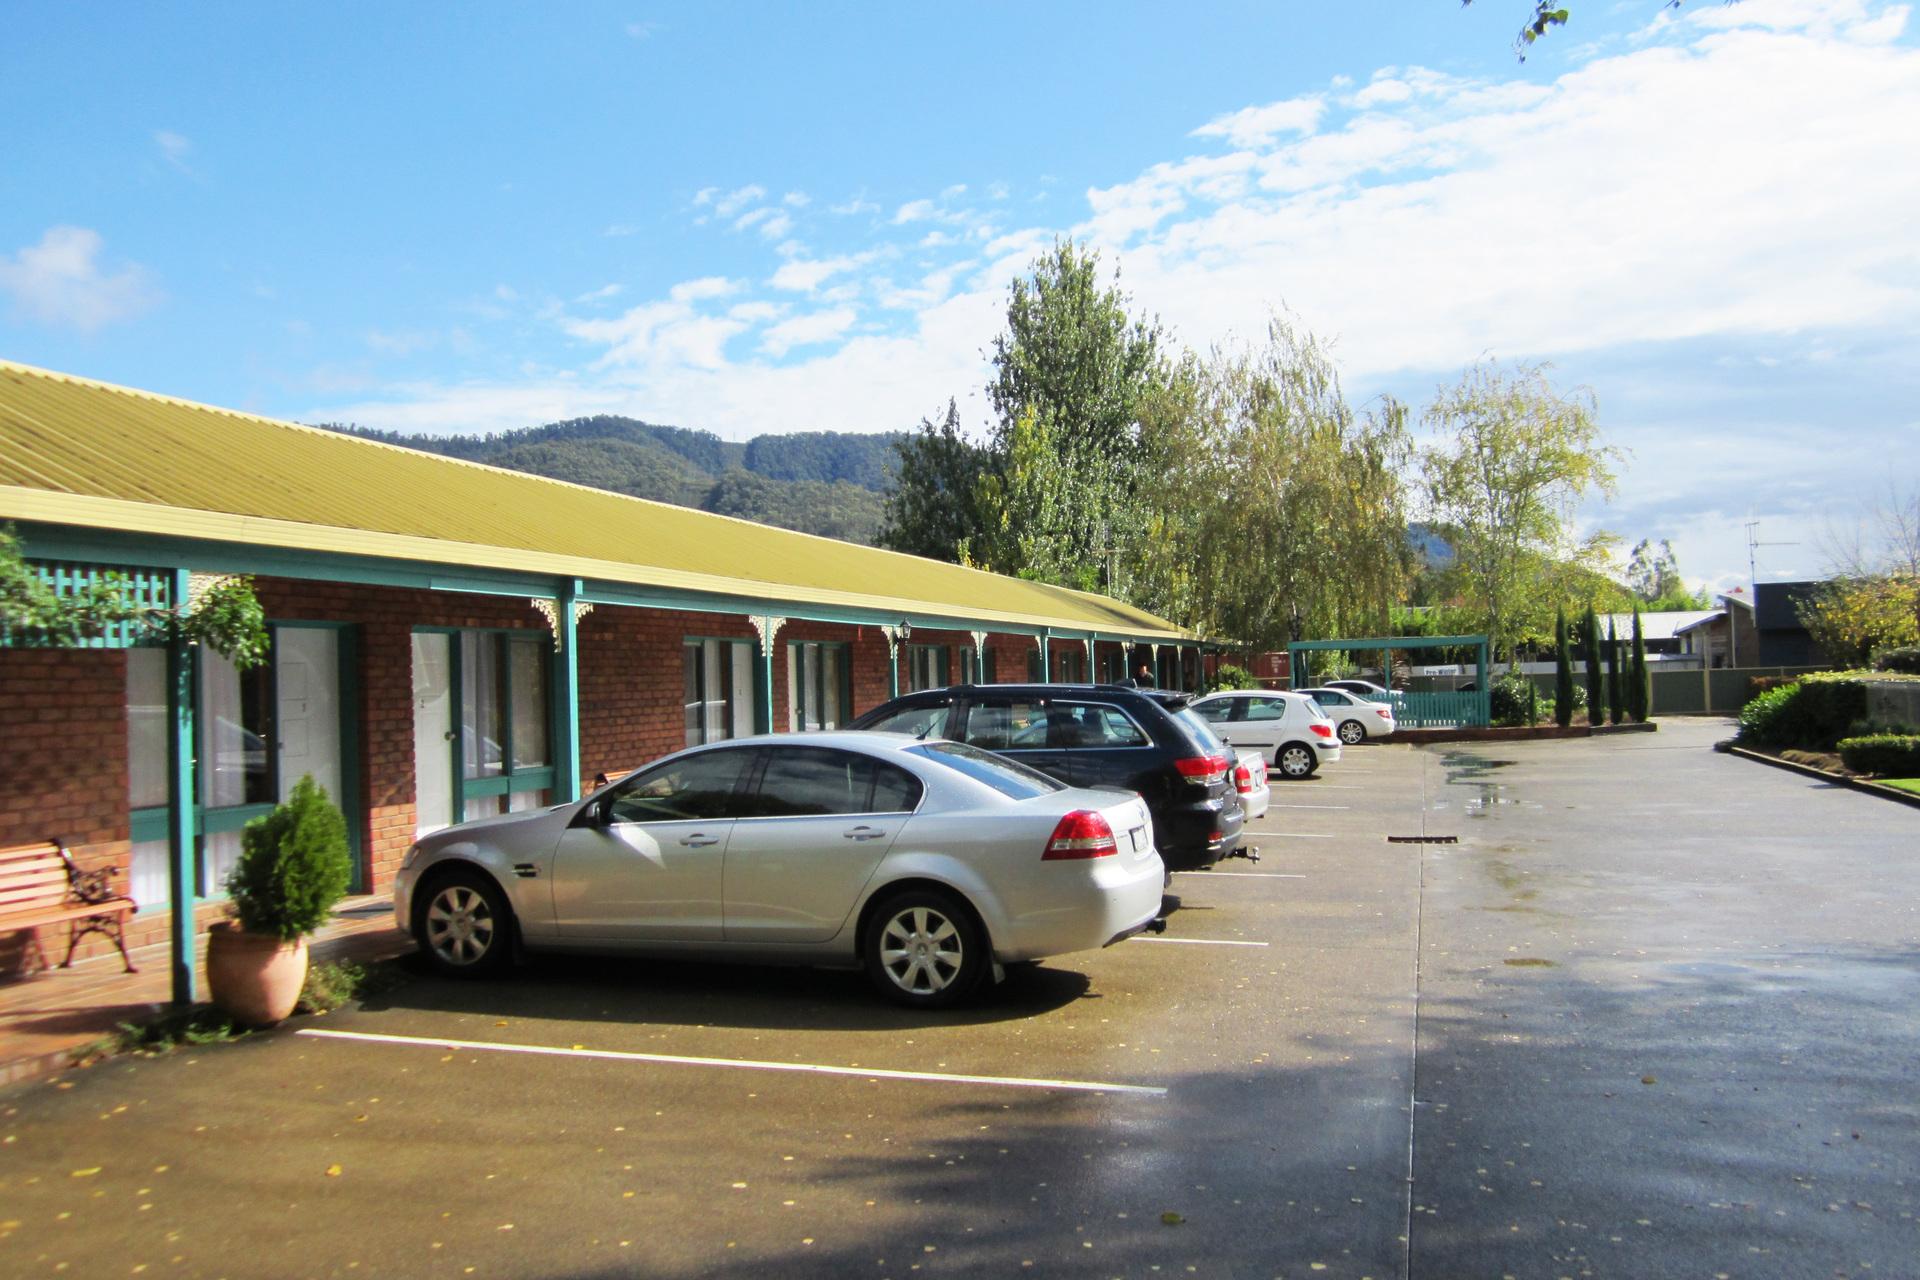 h - Snowgum Motel